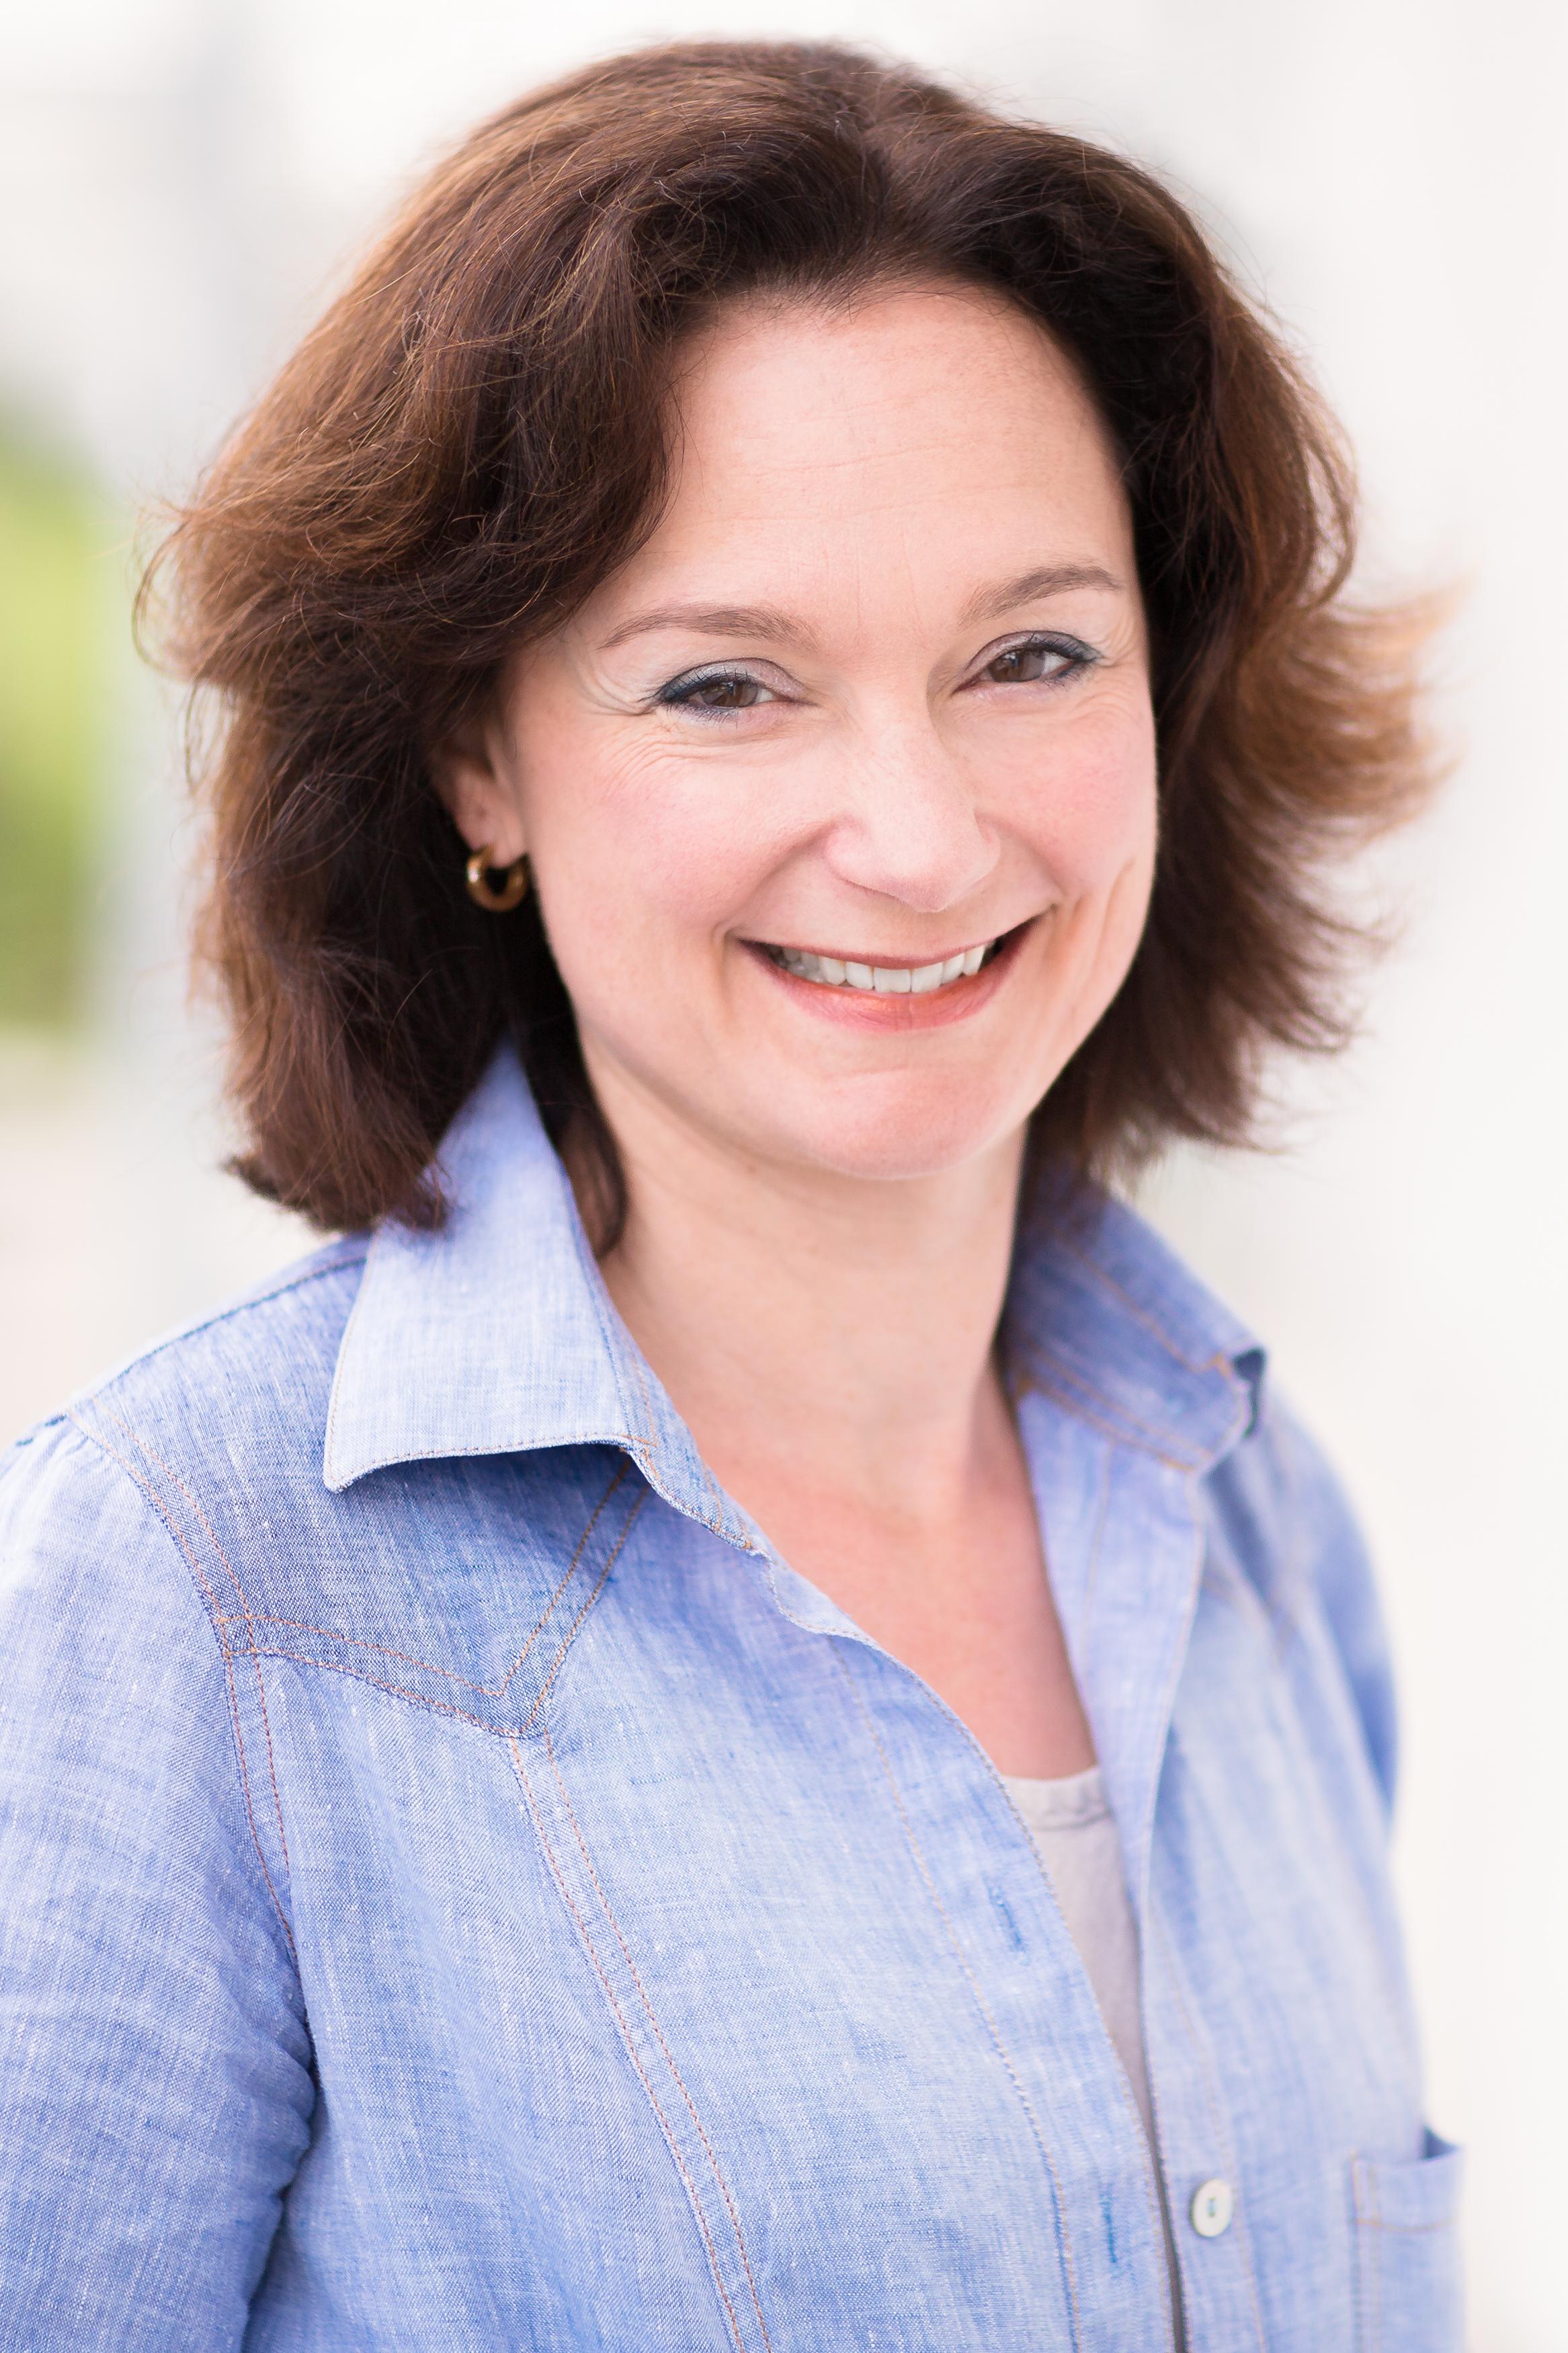 Claudia Berther